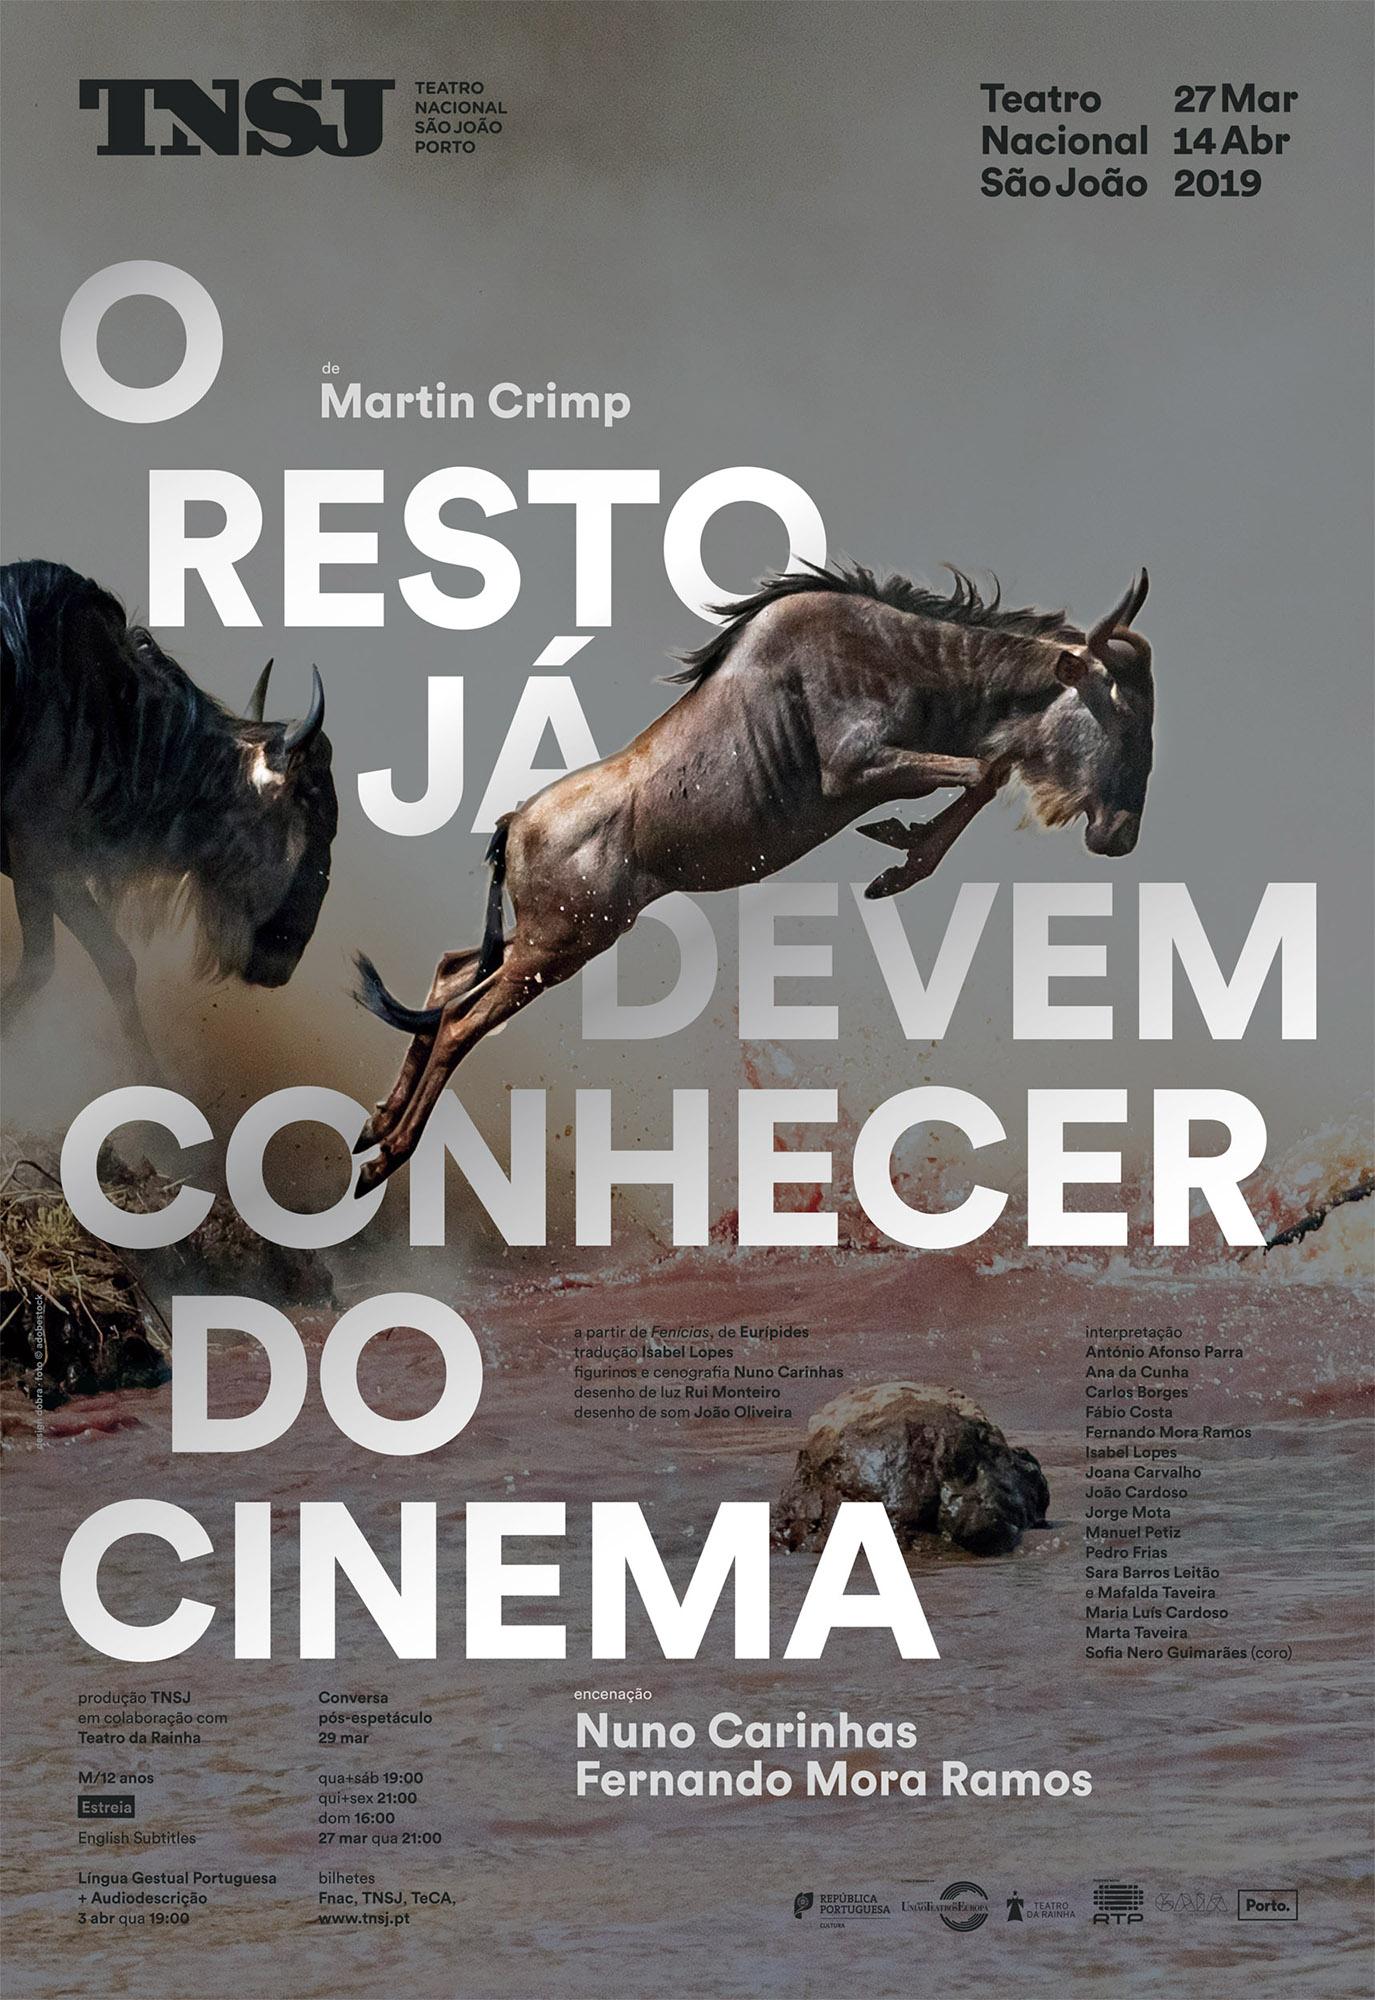 São João National Theatre Posters 2019 Image:1.1